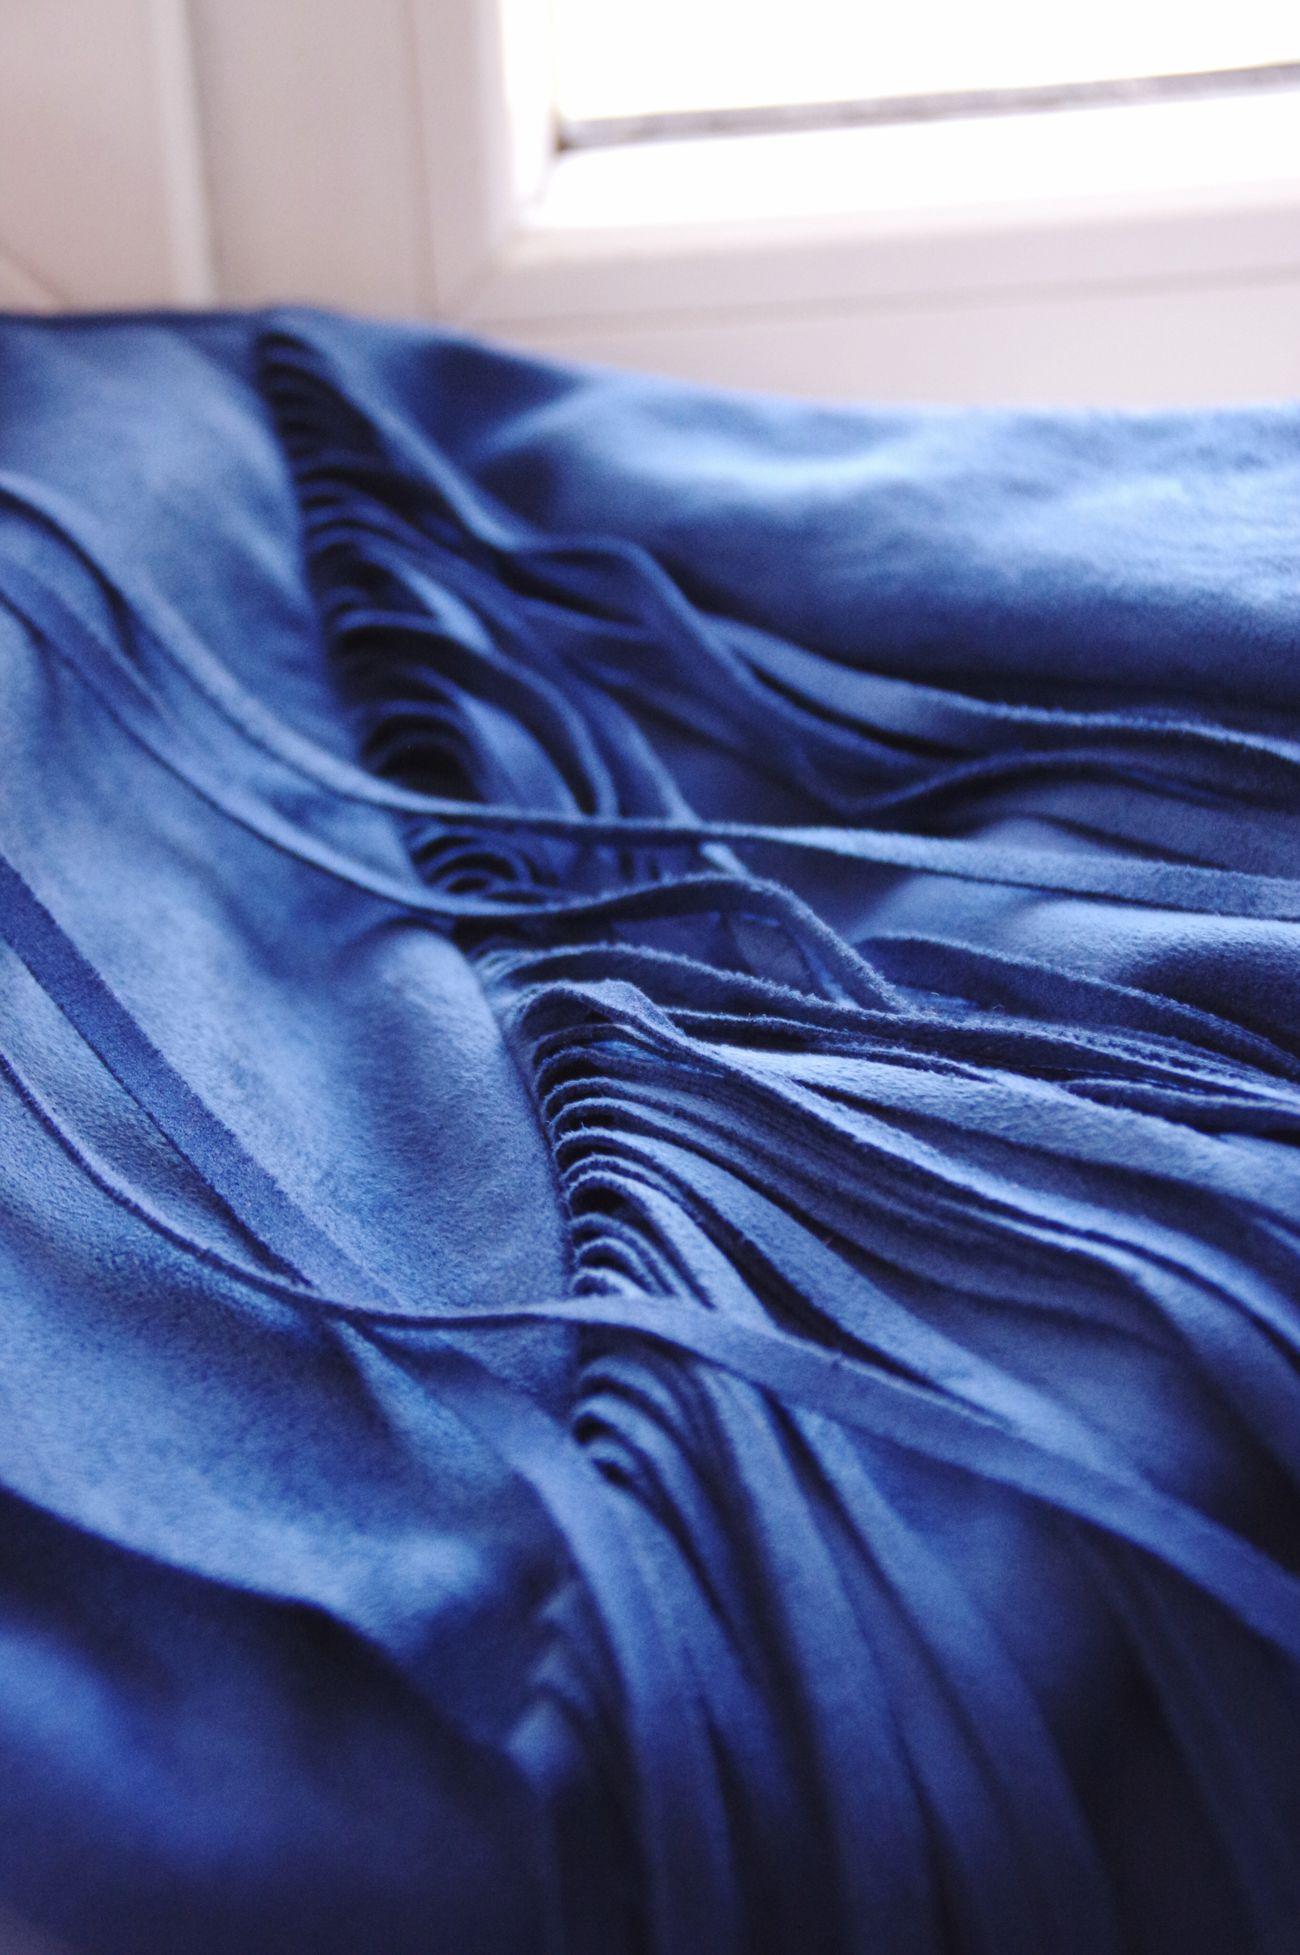 Blue Suède Jacket Material